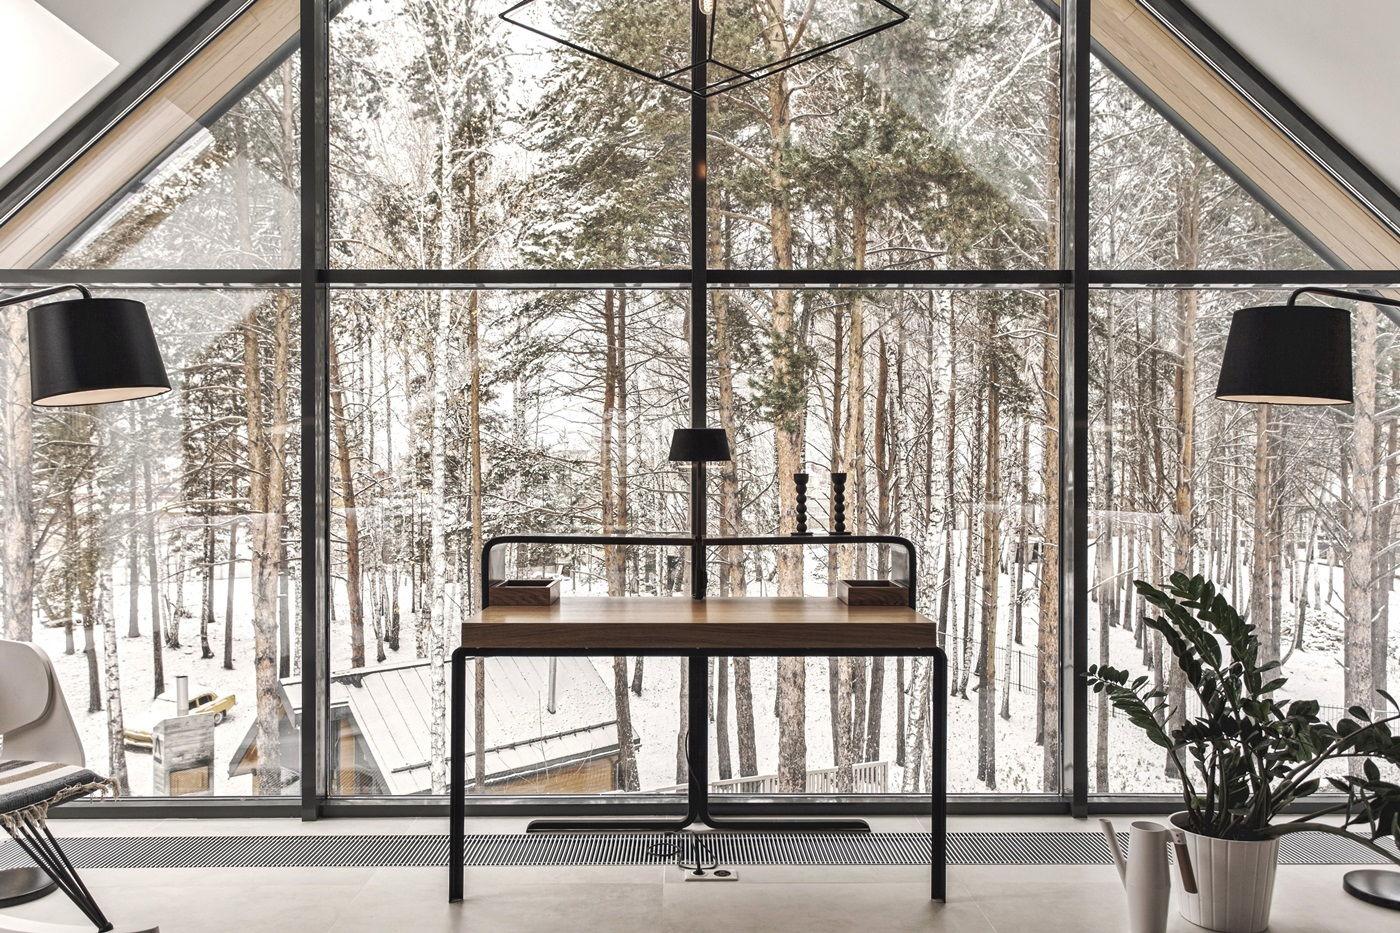 Большой загородный дом в скандинавском стиле - вид из окна